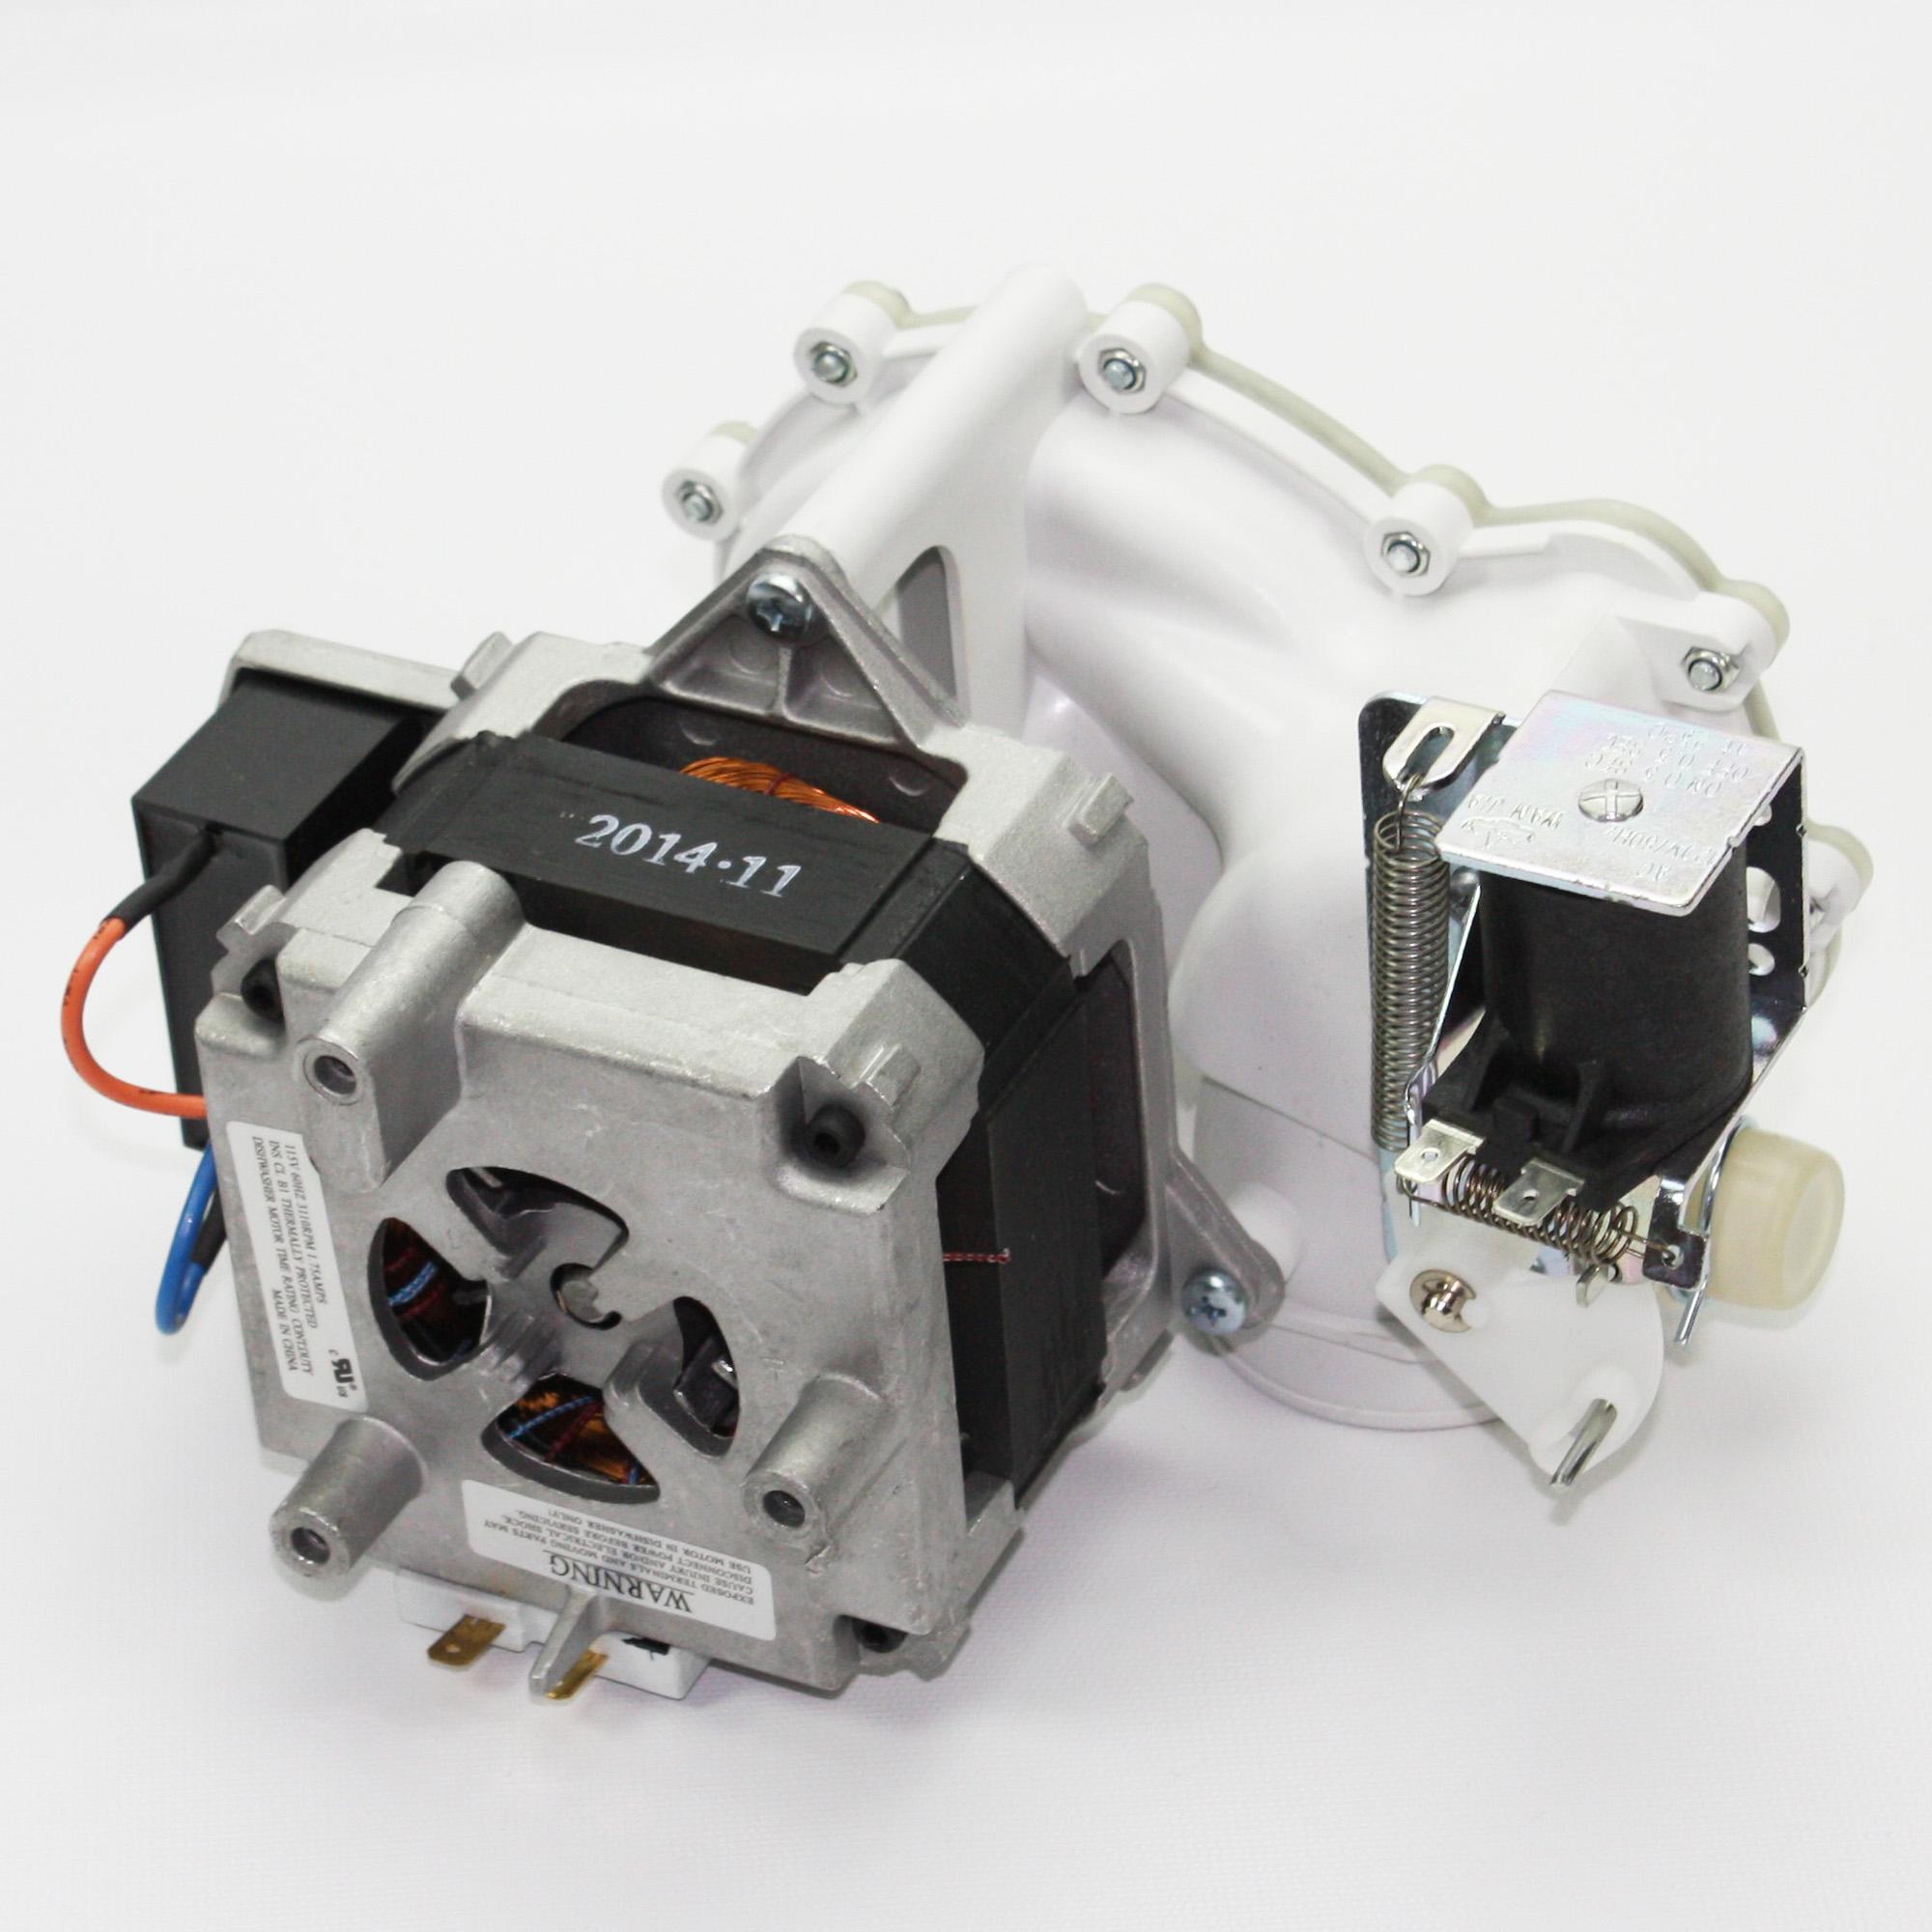 Ge Hotpoint Kenmore Dishwasher Motor Pump Kit Replaces